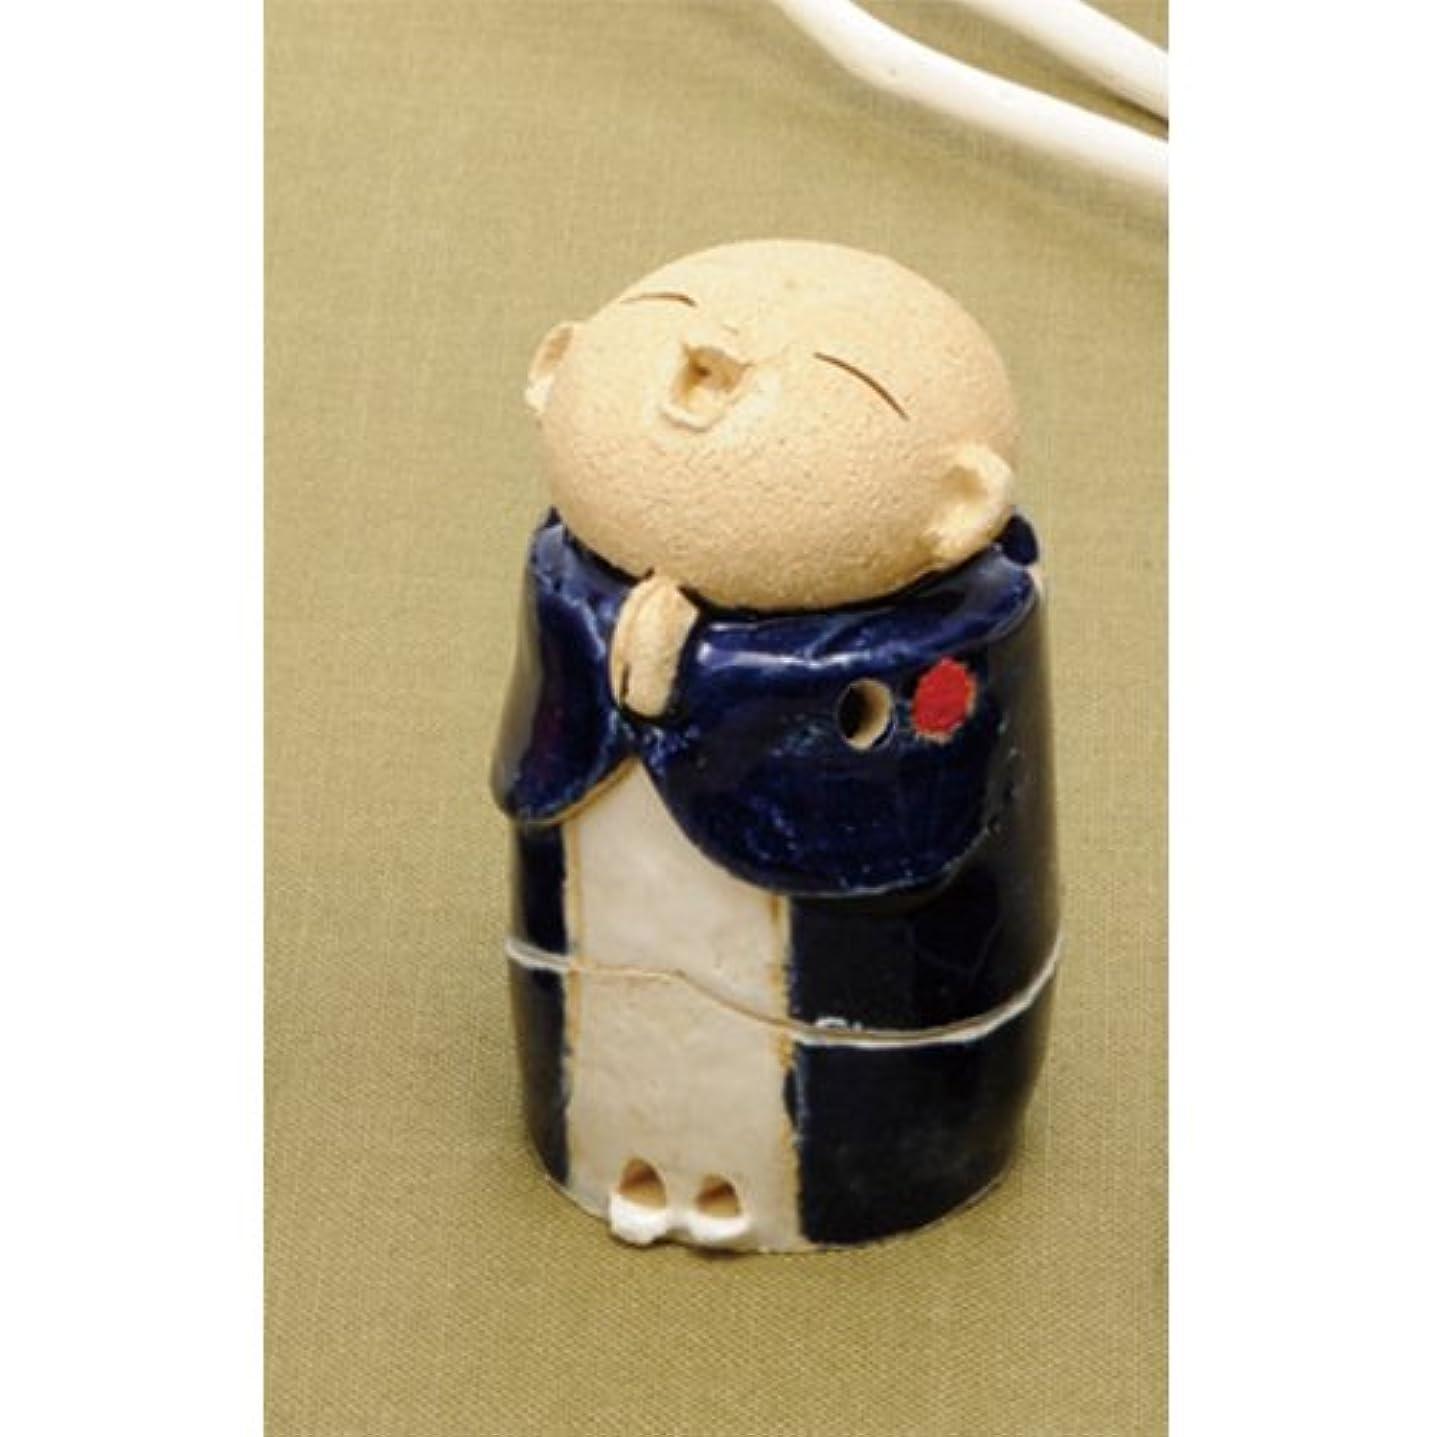 くるみ反逆言語学お地蔵様 香炉シリーズ 青 お地蔵様 香炉 2.8寸 [H8.5cm] HANDMADE プレゼント ギフト 和食器 かわいい インテリア